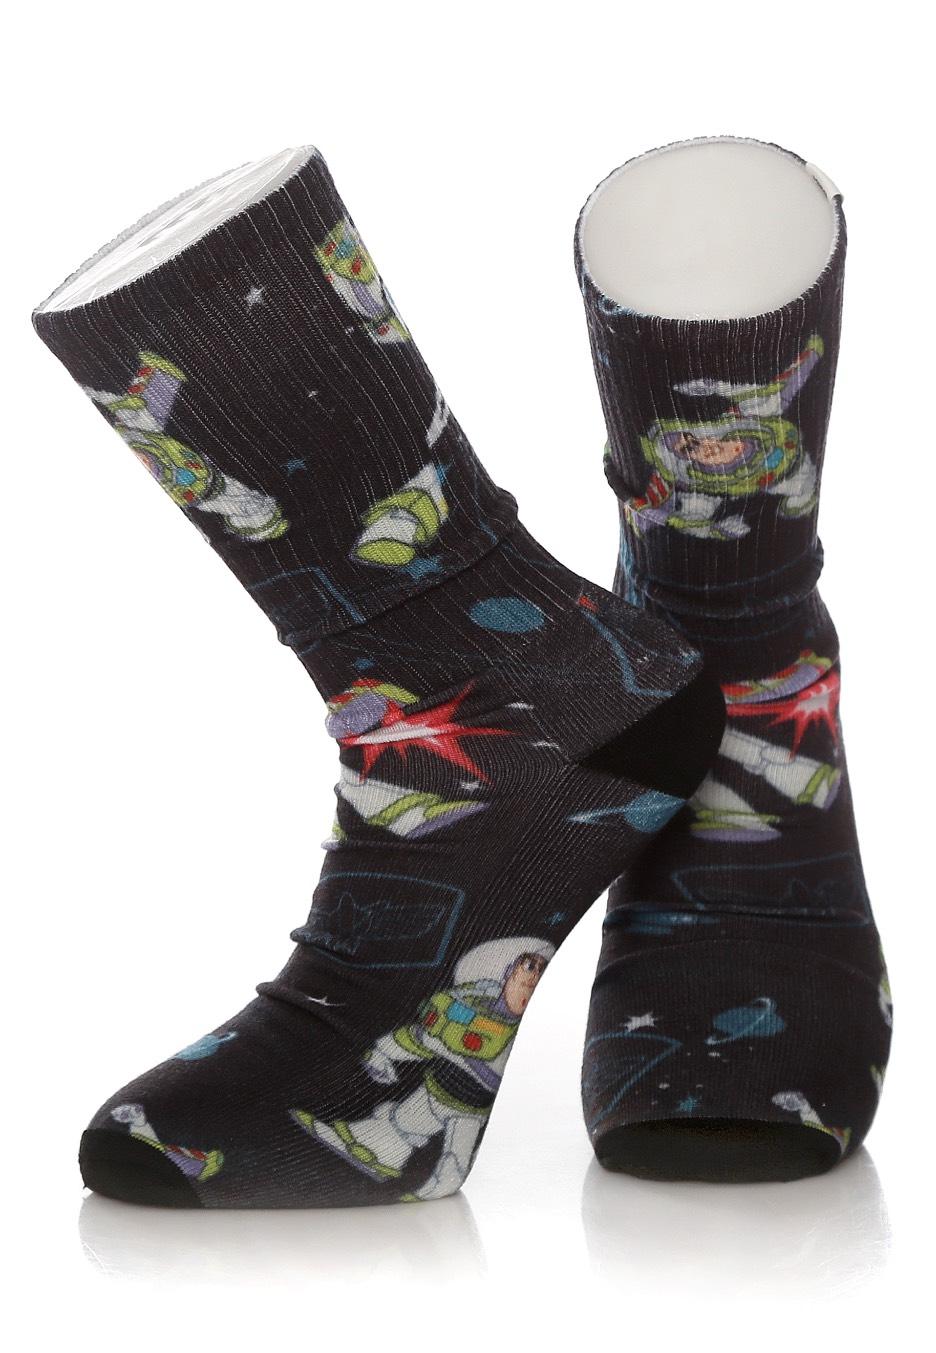 Vans X Toy Story - Vans C Buzz Lightyear - Socken